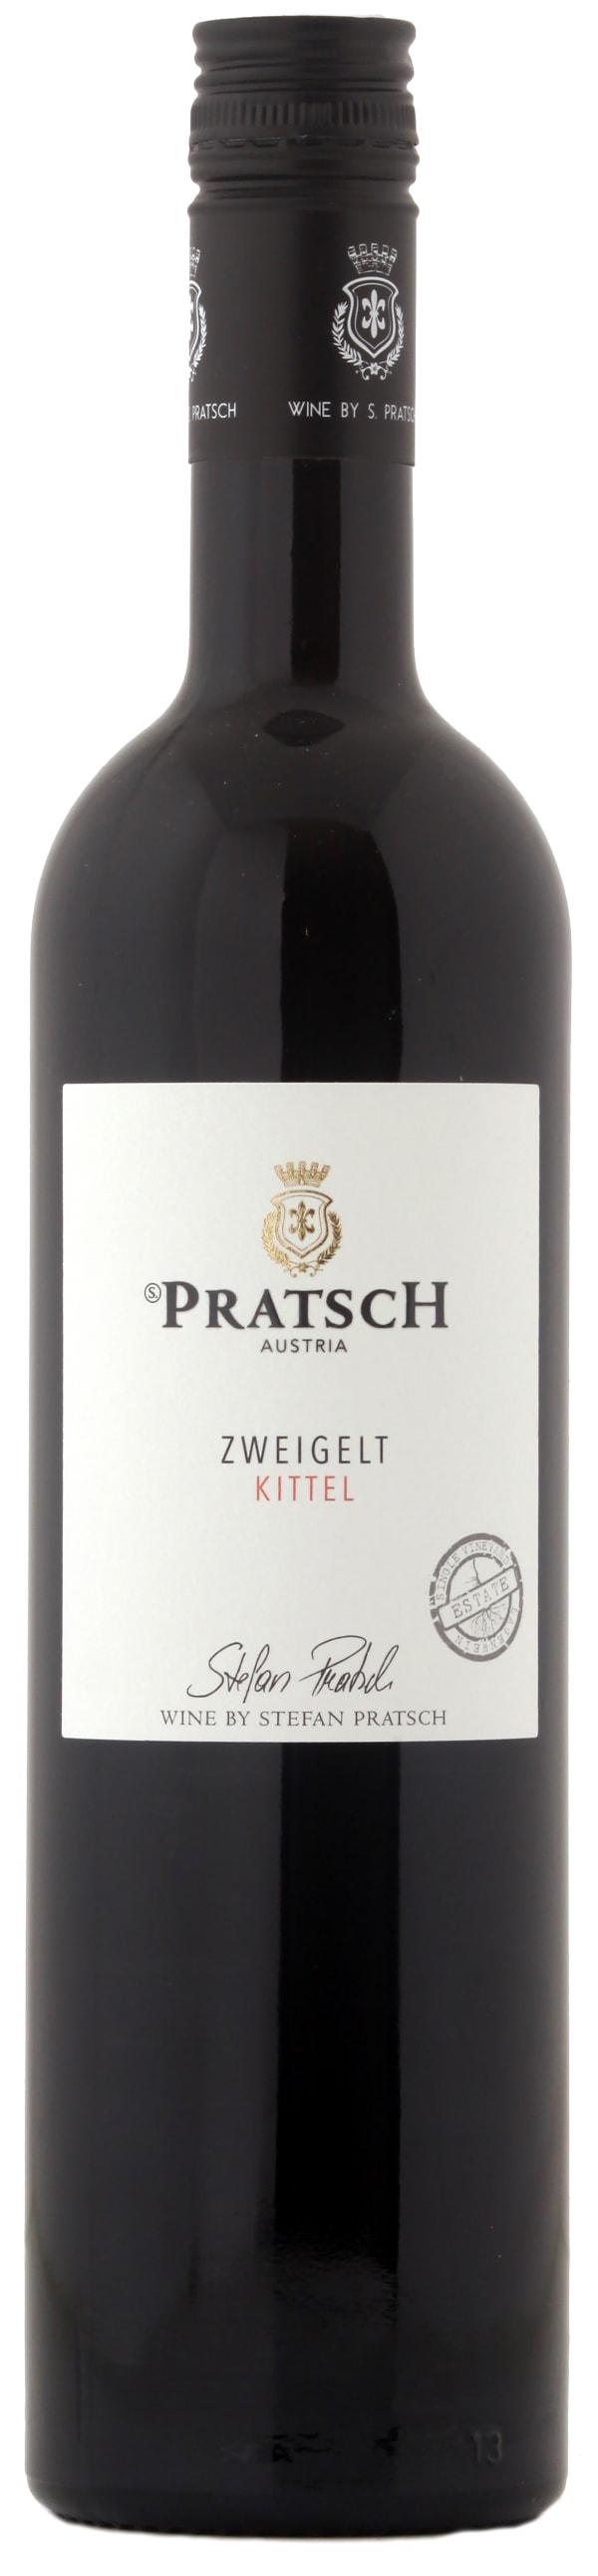 Pratsch Zweigelt Kittel 2012